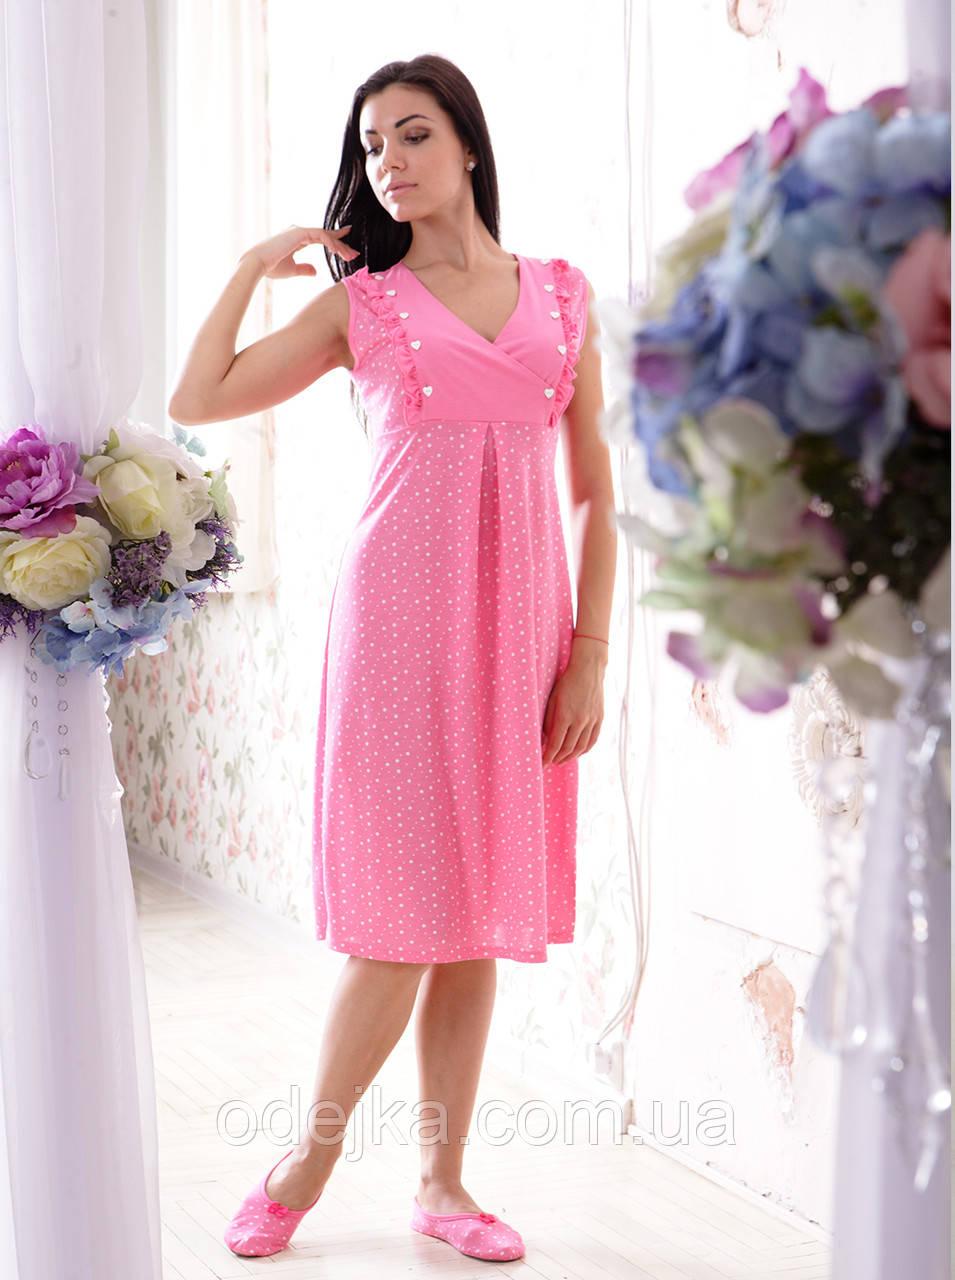 Платье домашнее, сорочка для кормления 474 розовая Неня